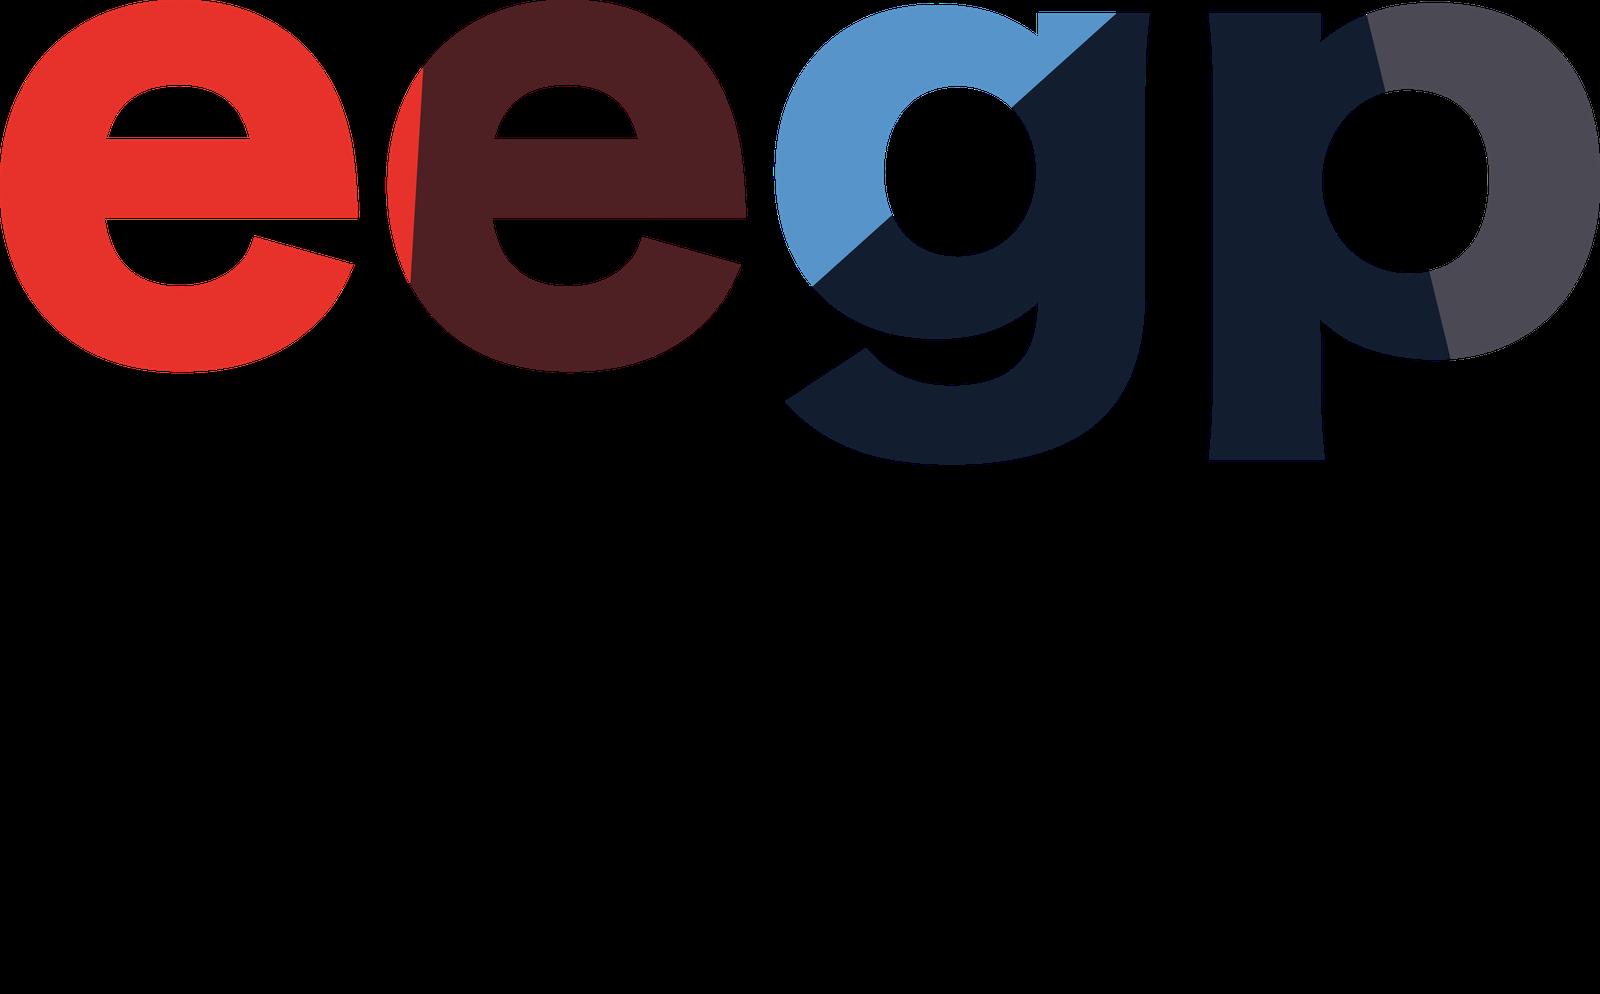 logoeegp